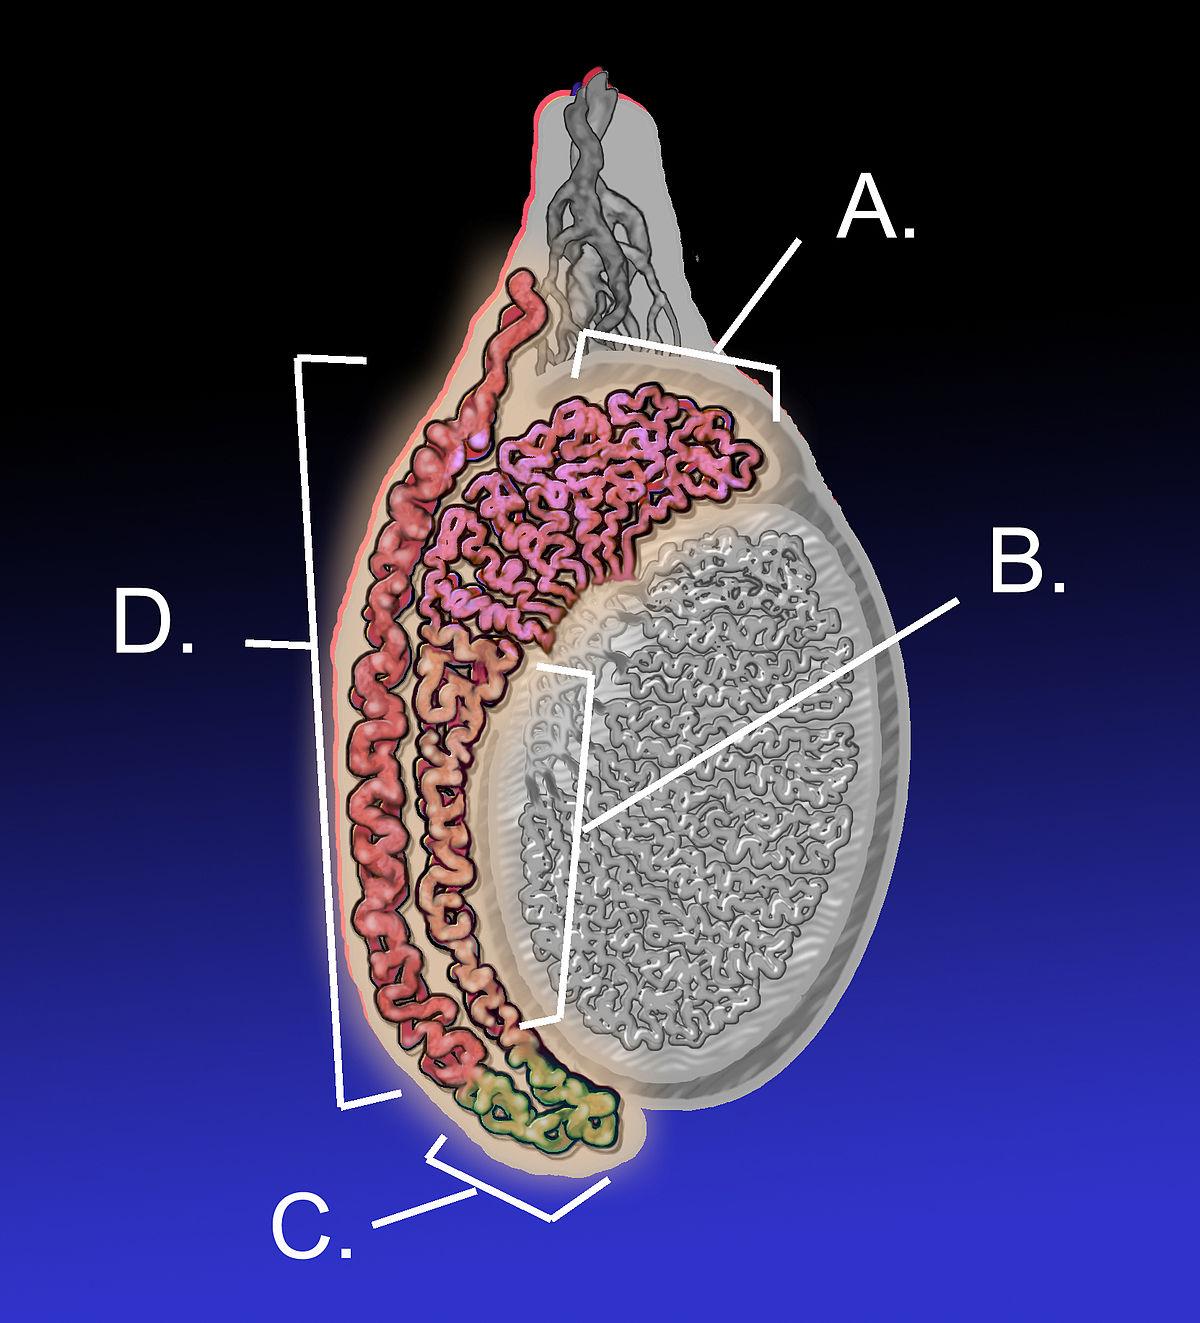 Daca penisul are 12 cm lungime si cm circumferinţă este mic? | Forumul Medical ROmedic